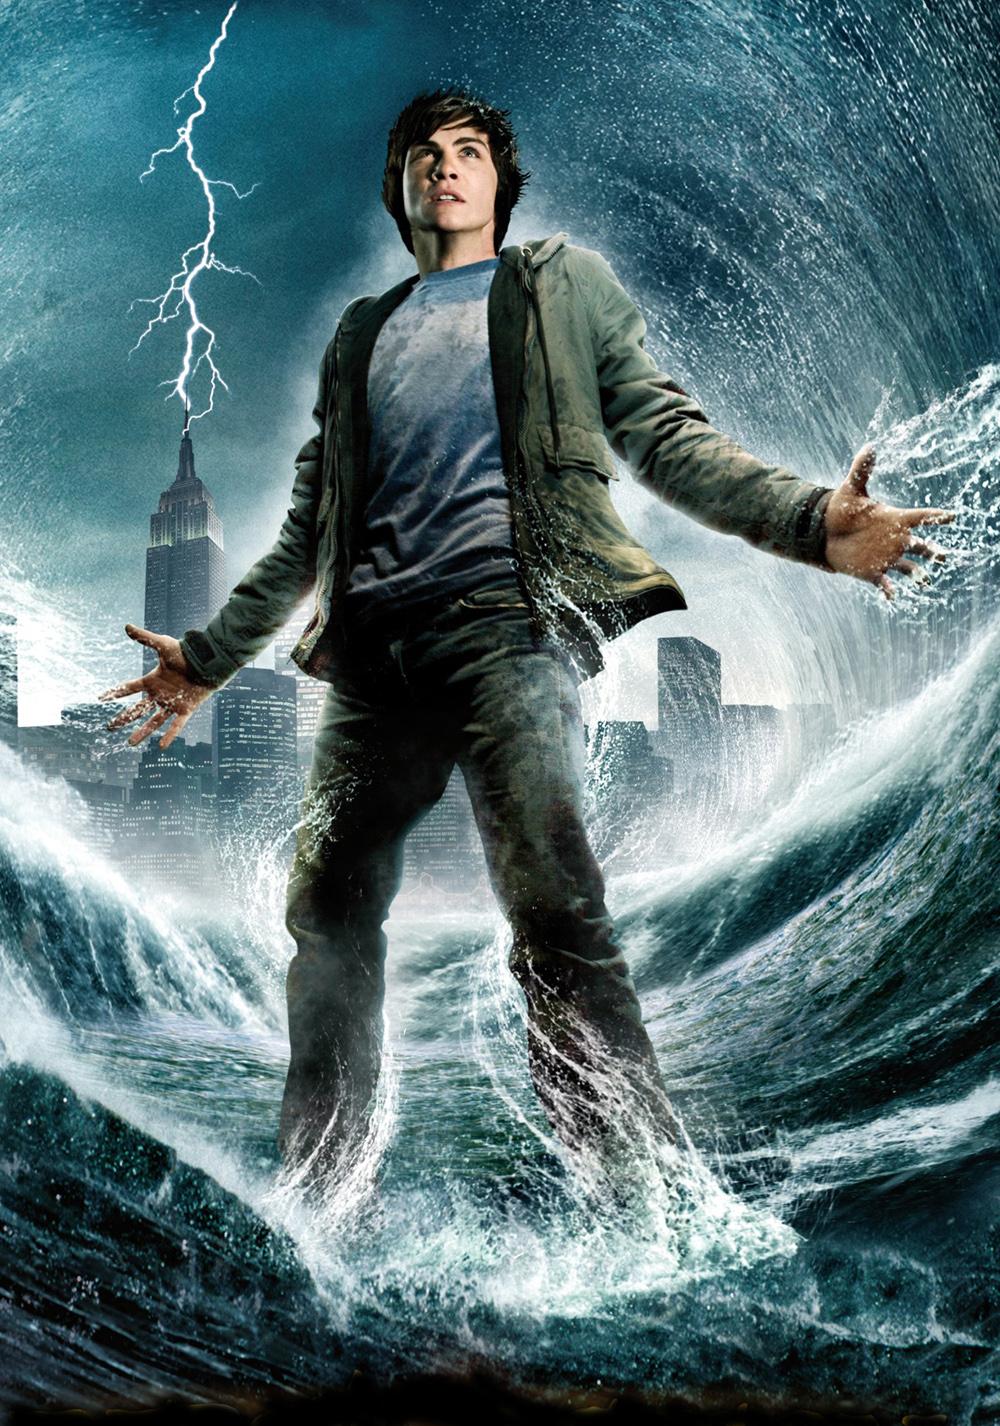 Percy Jackson The Olympians The Lightning Thief Movie Fanart Fanar